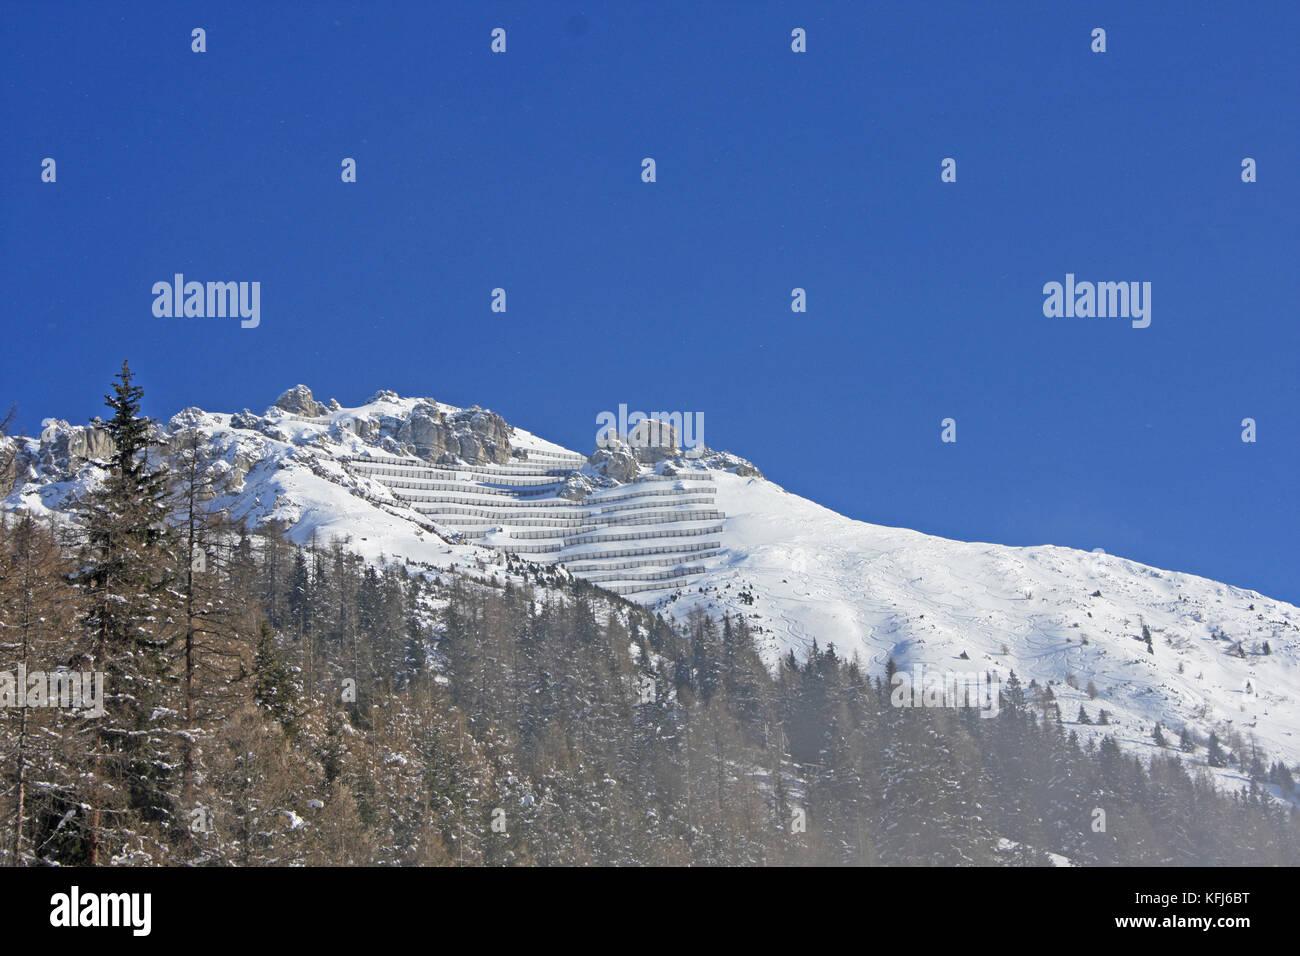 Axamer Lizum Skigebiet in Österreich - Stock Image